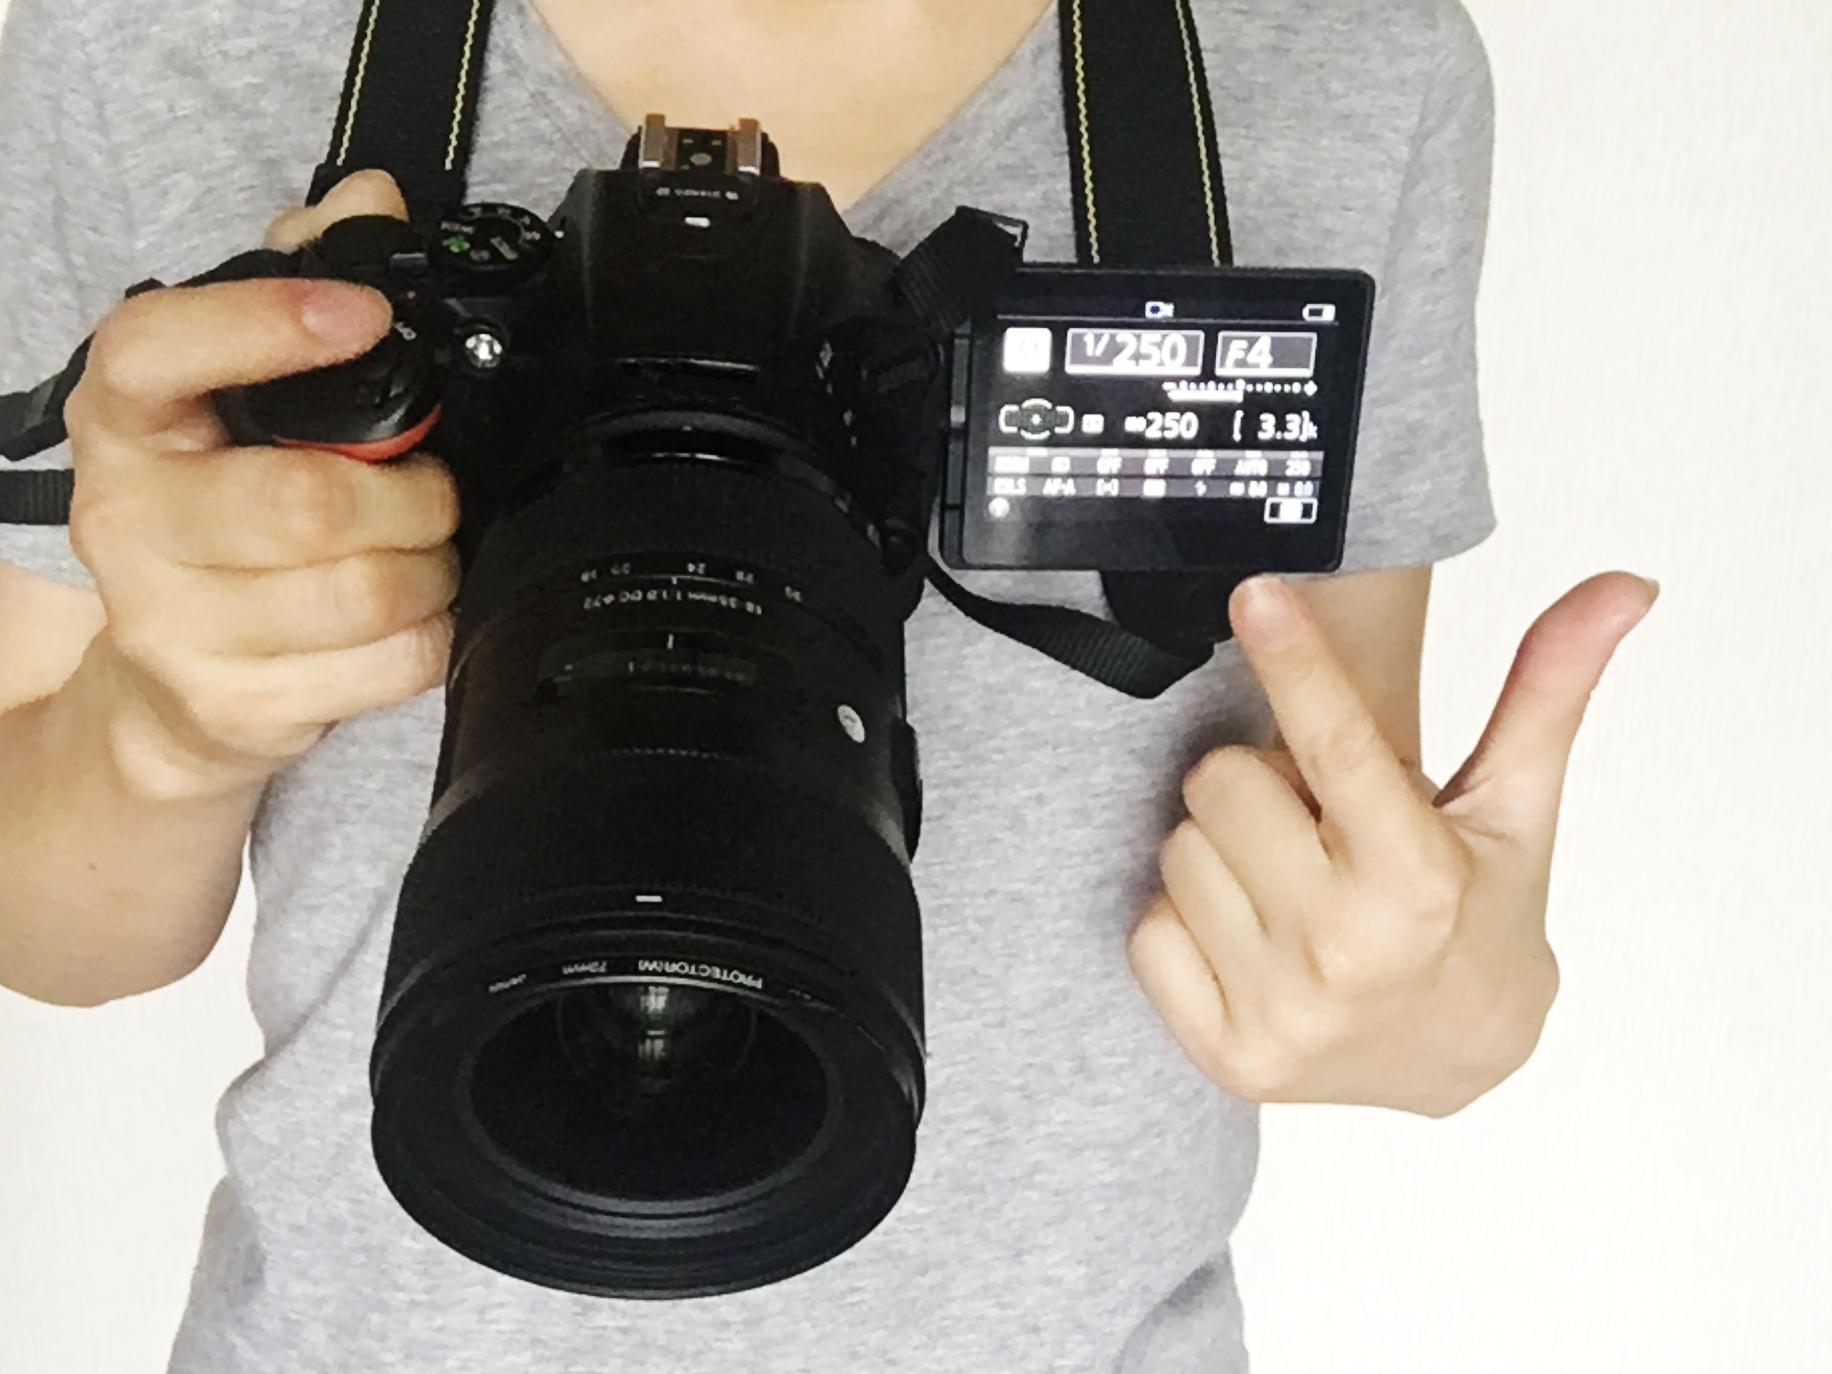 動画・映像を配信するときに最適なフレームレート設定は?